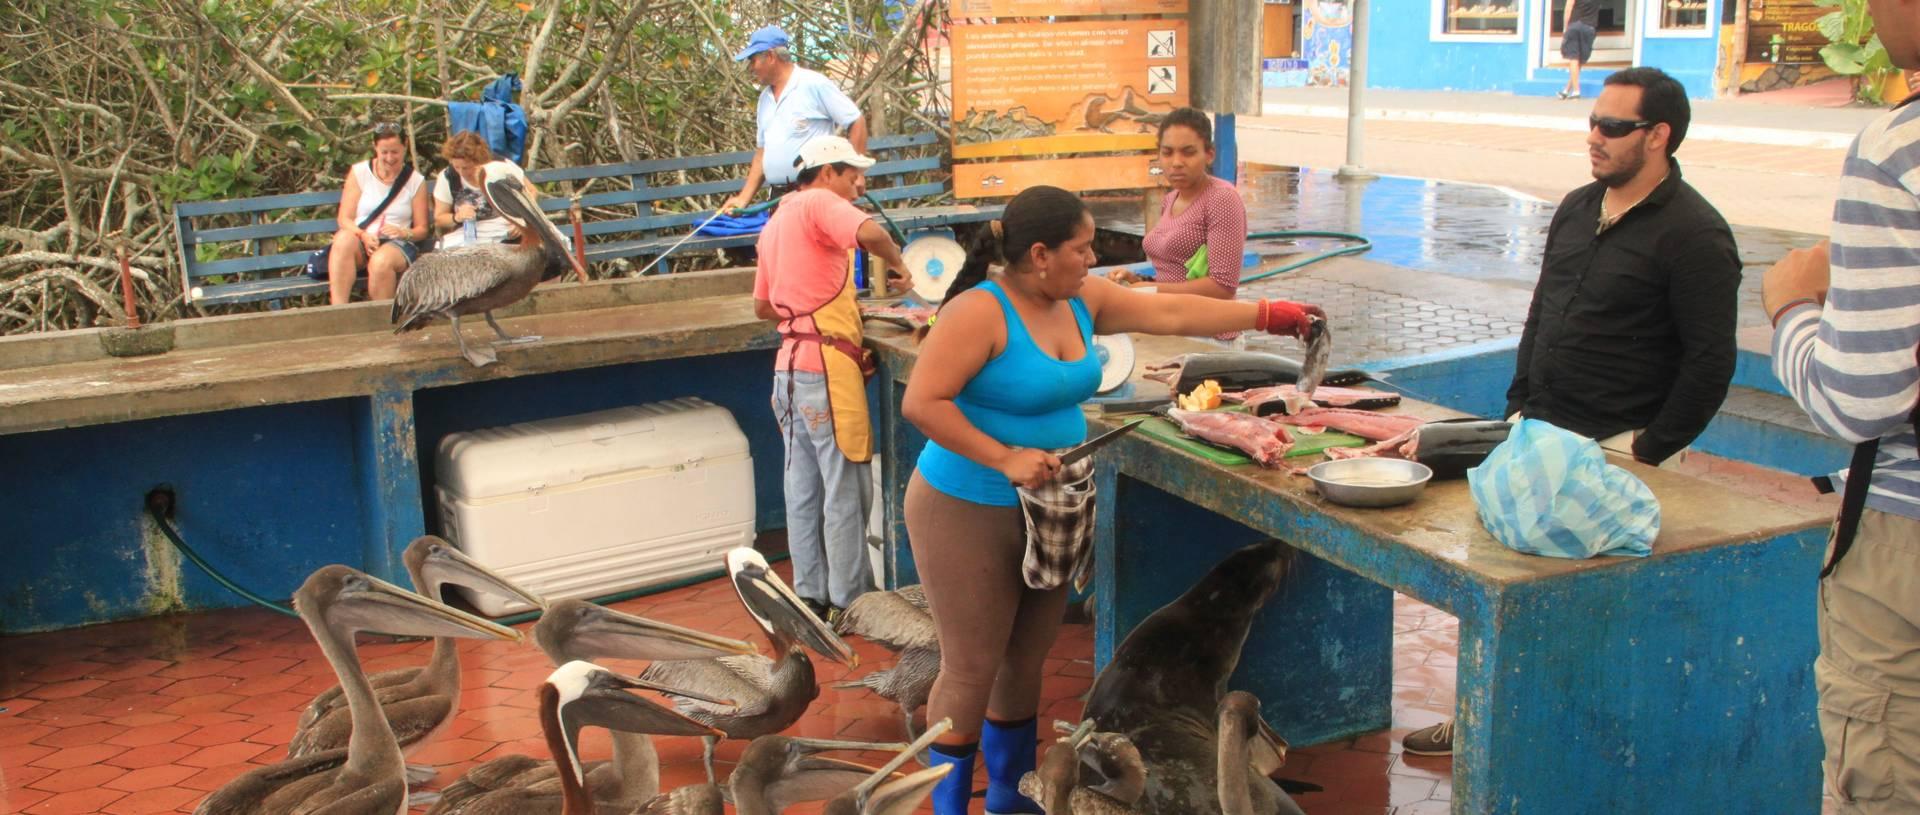 Fish Market, Galapagos